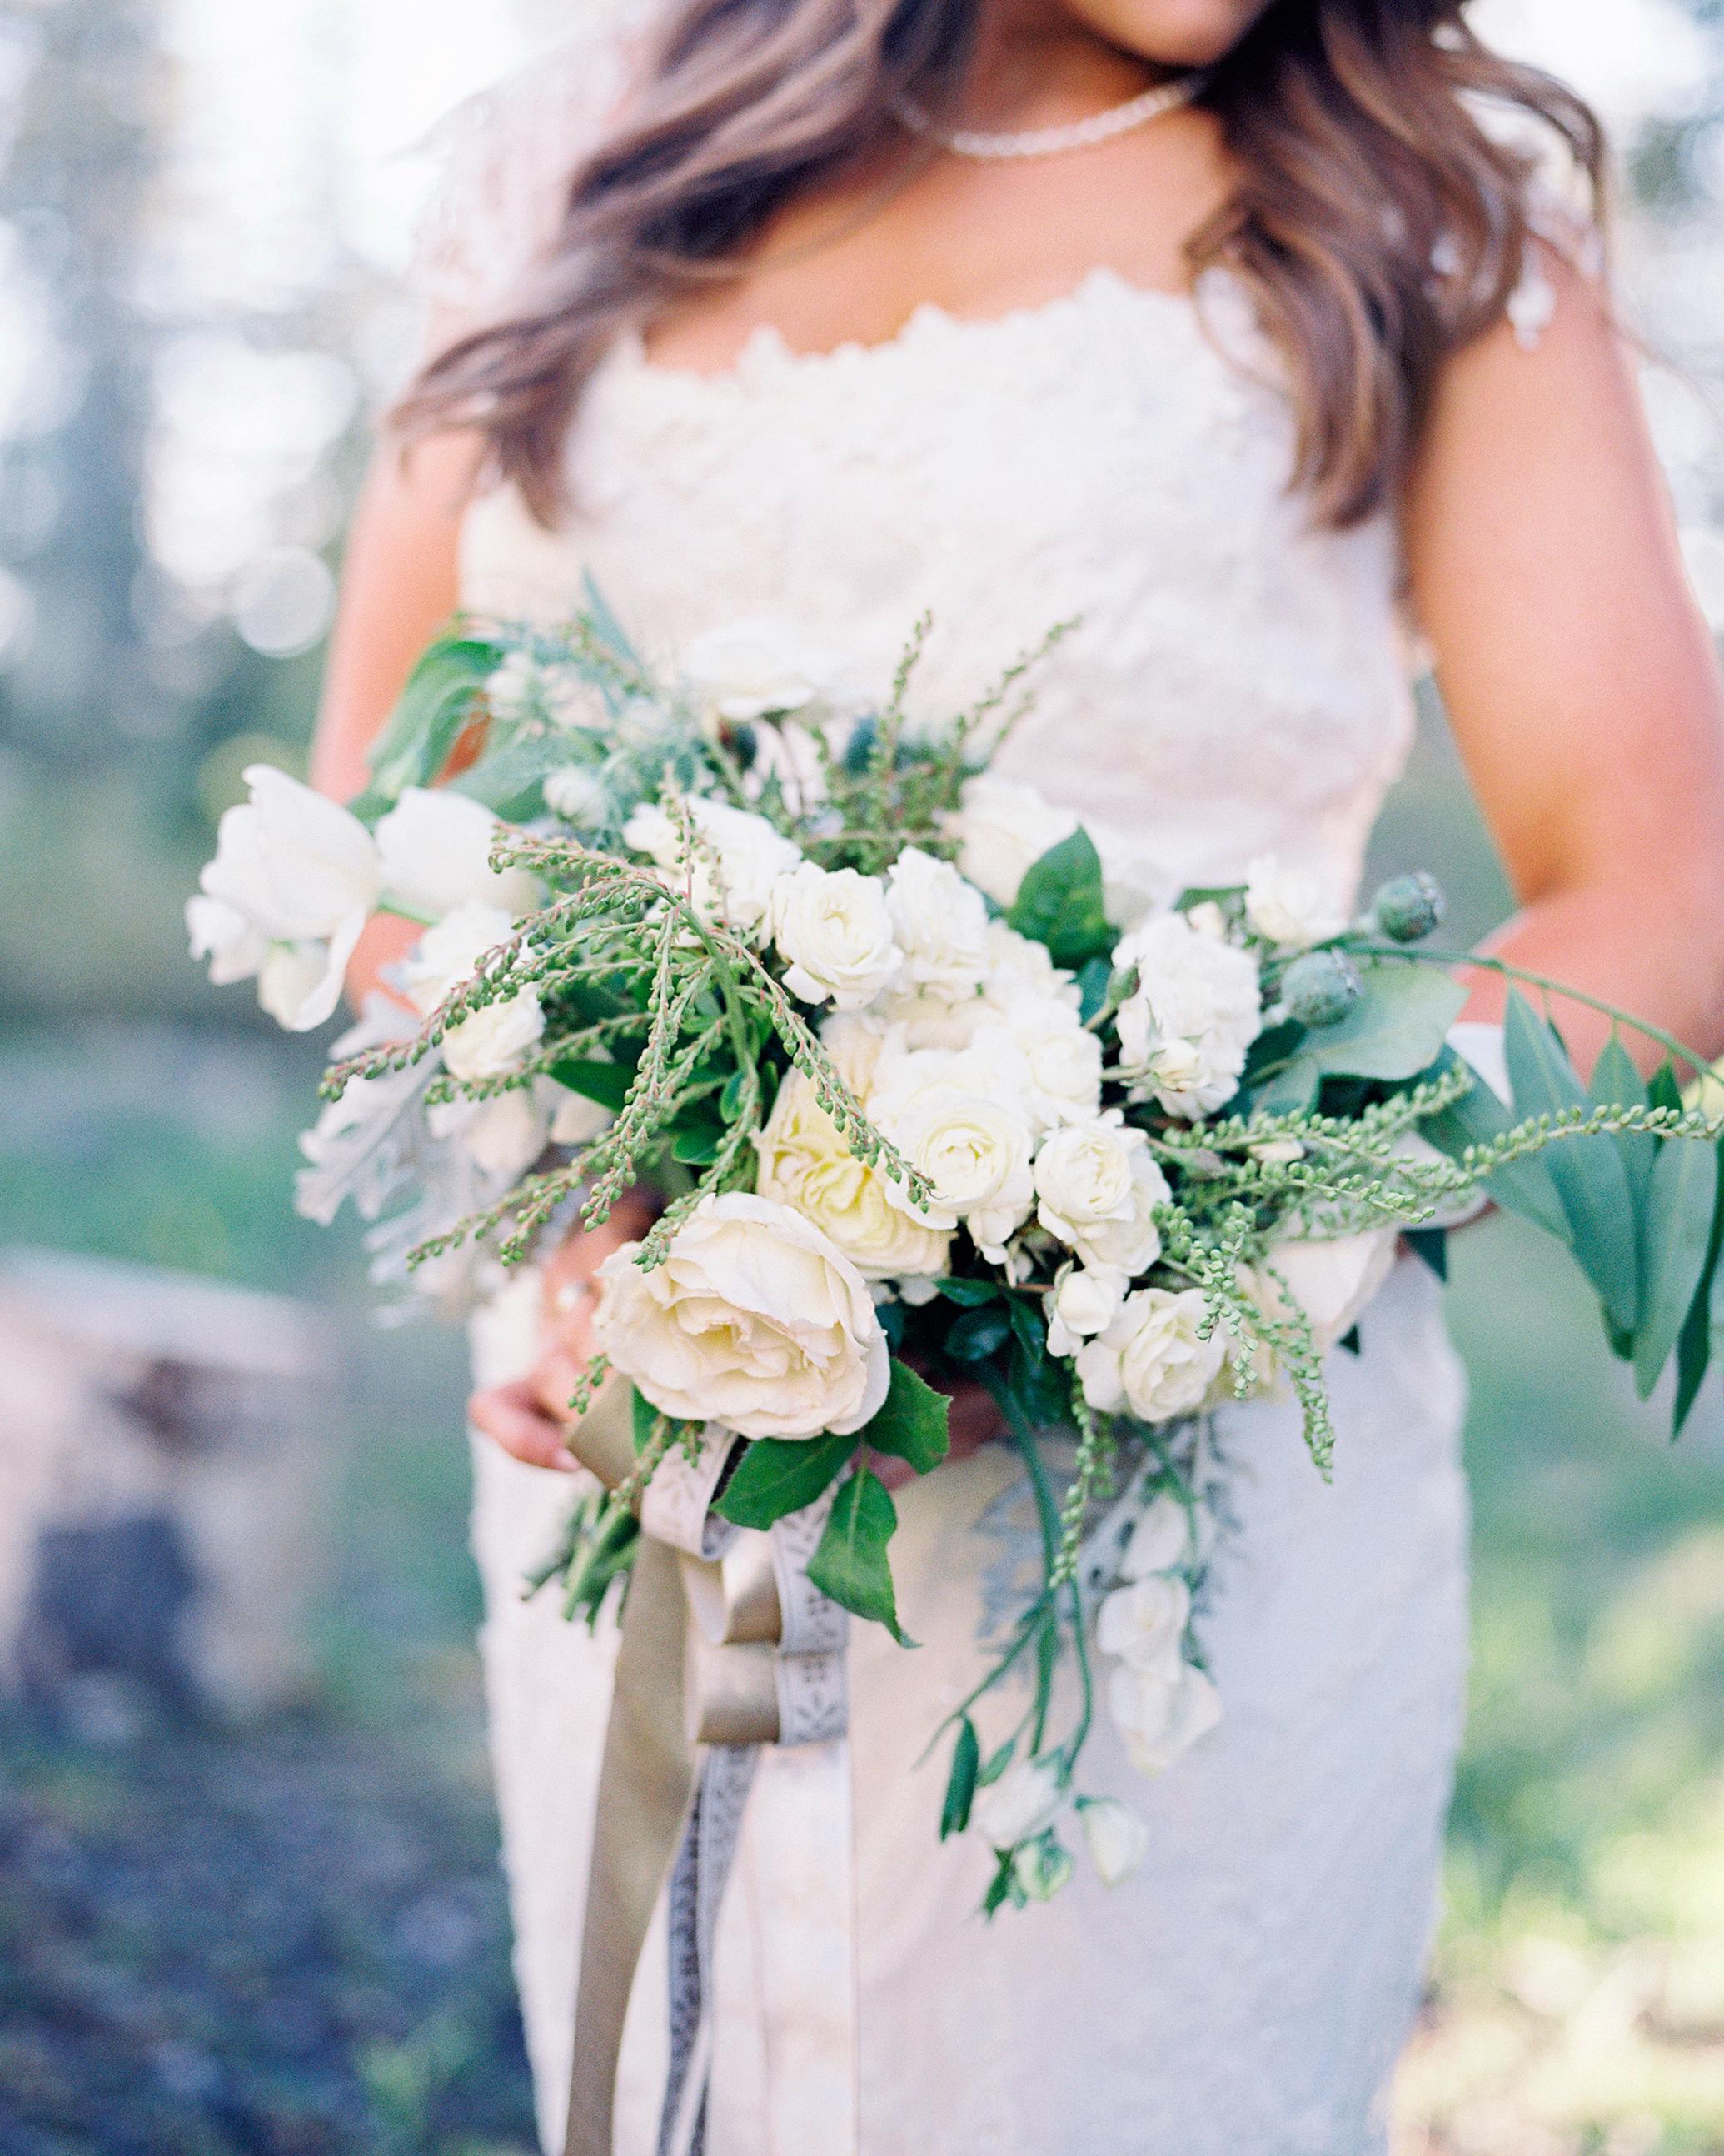 mckenzie-brandon-wedding-bouquet-62-s112364-1115.jpg